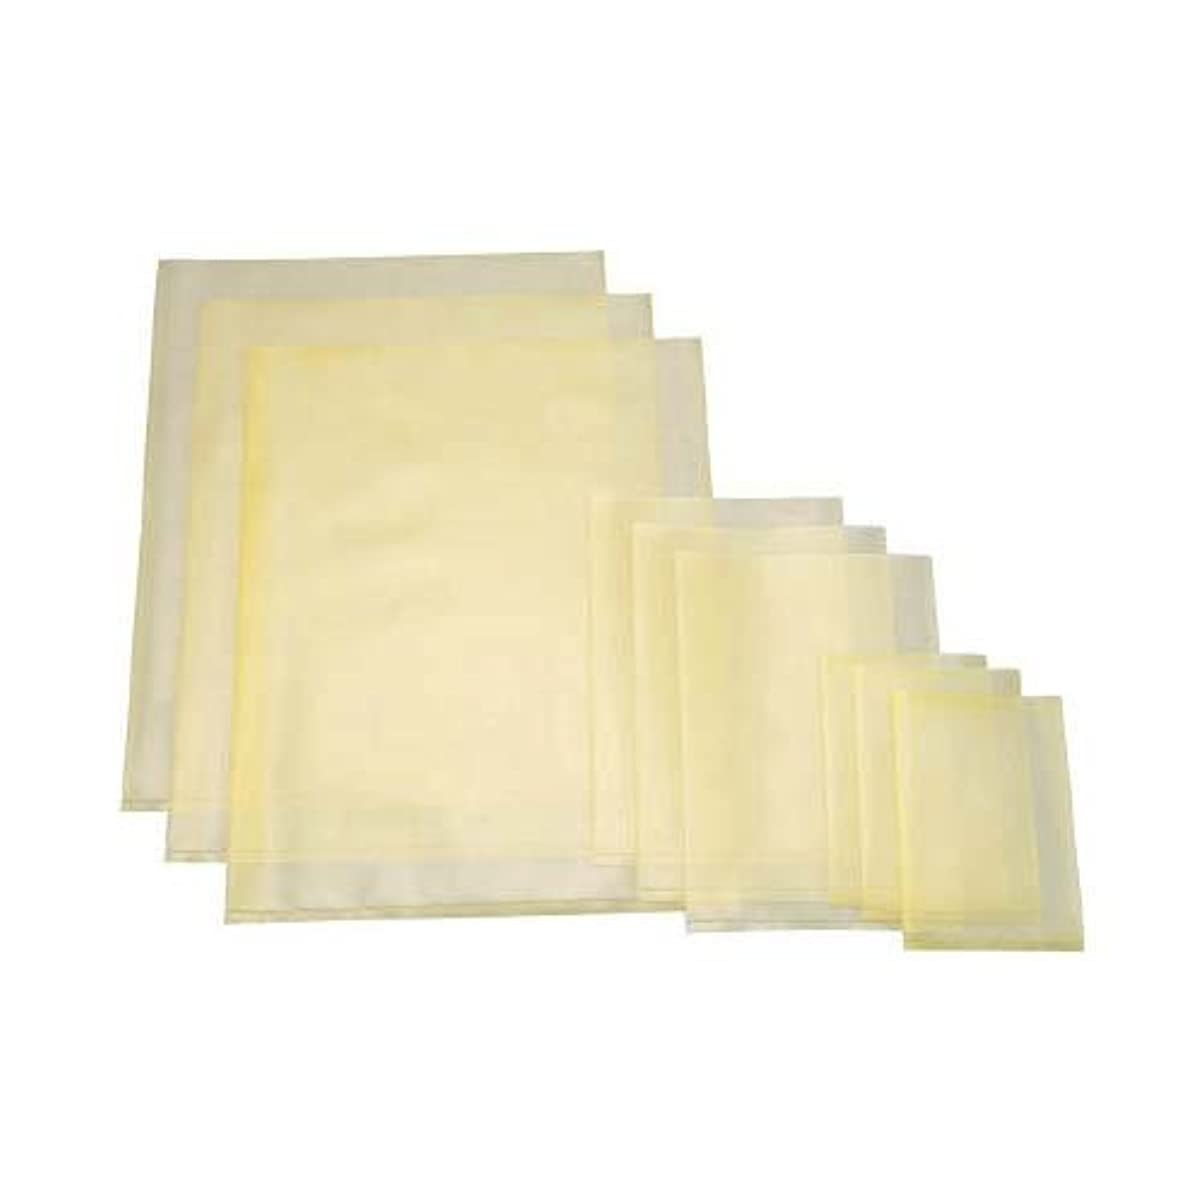 豚肉状良心的TRUSCO(トラスコ) ゼラスト防錆剤 幅1200X長さ1000X厚み0.08 50枚入 TZF120100